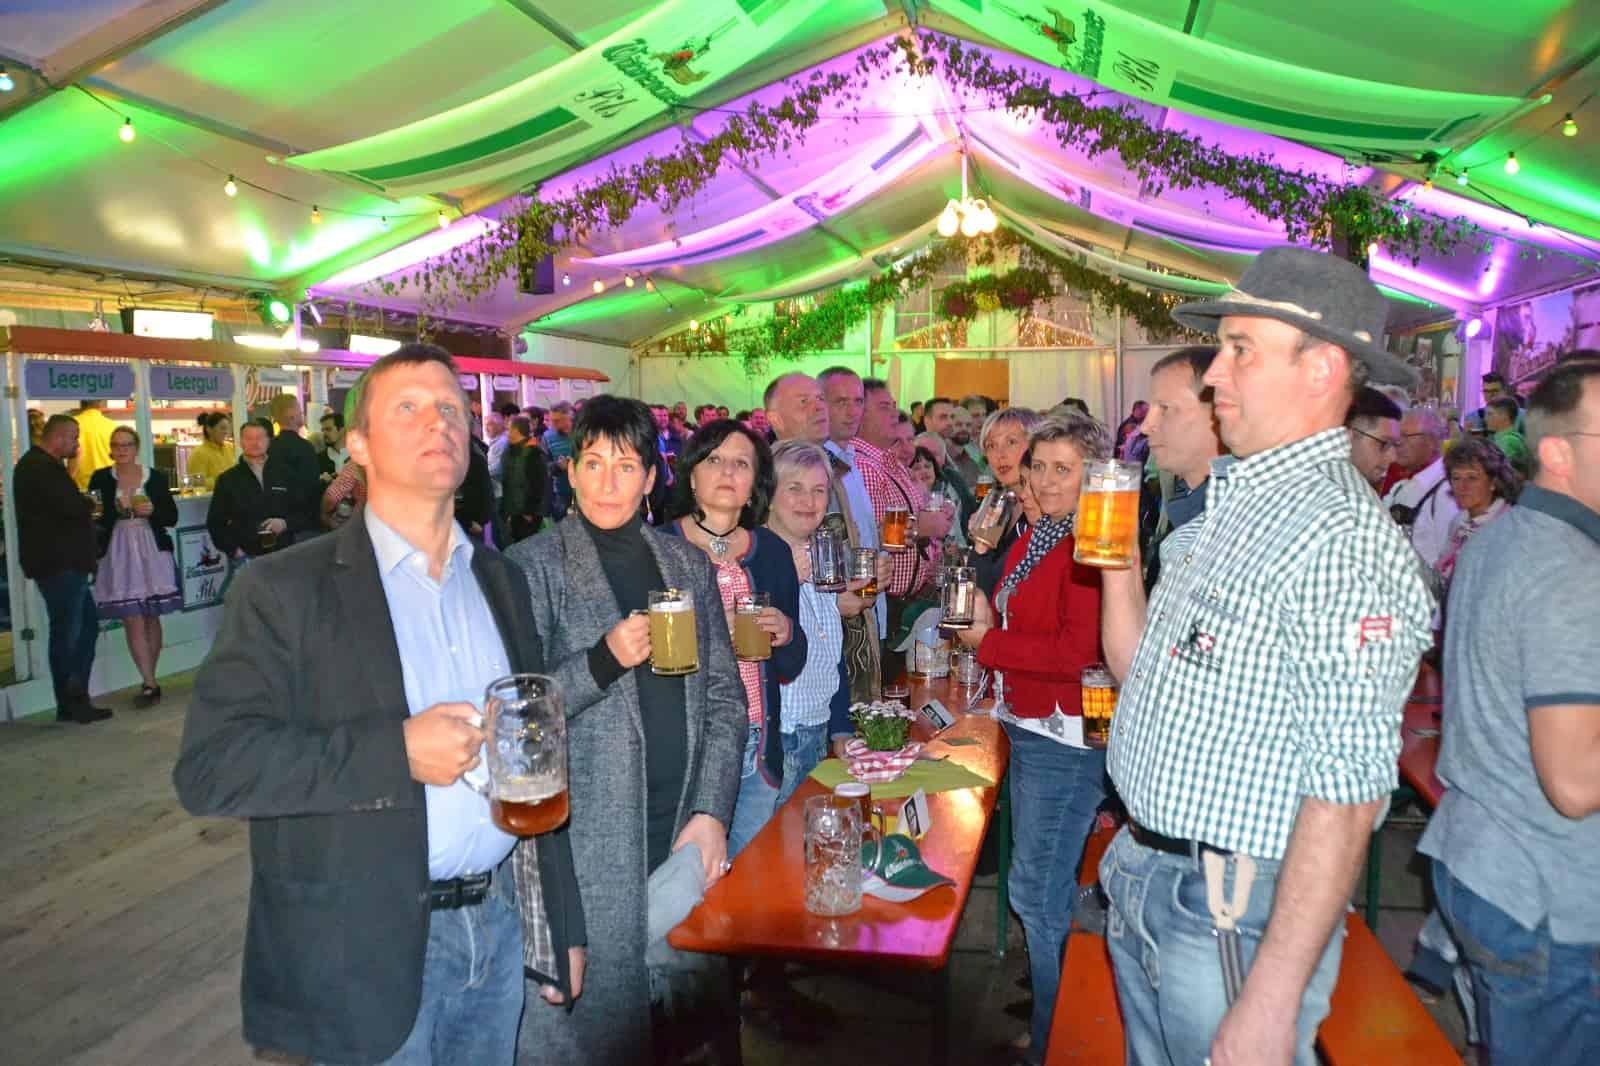 Brauereifest Wittichenau